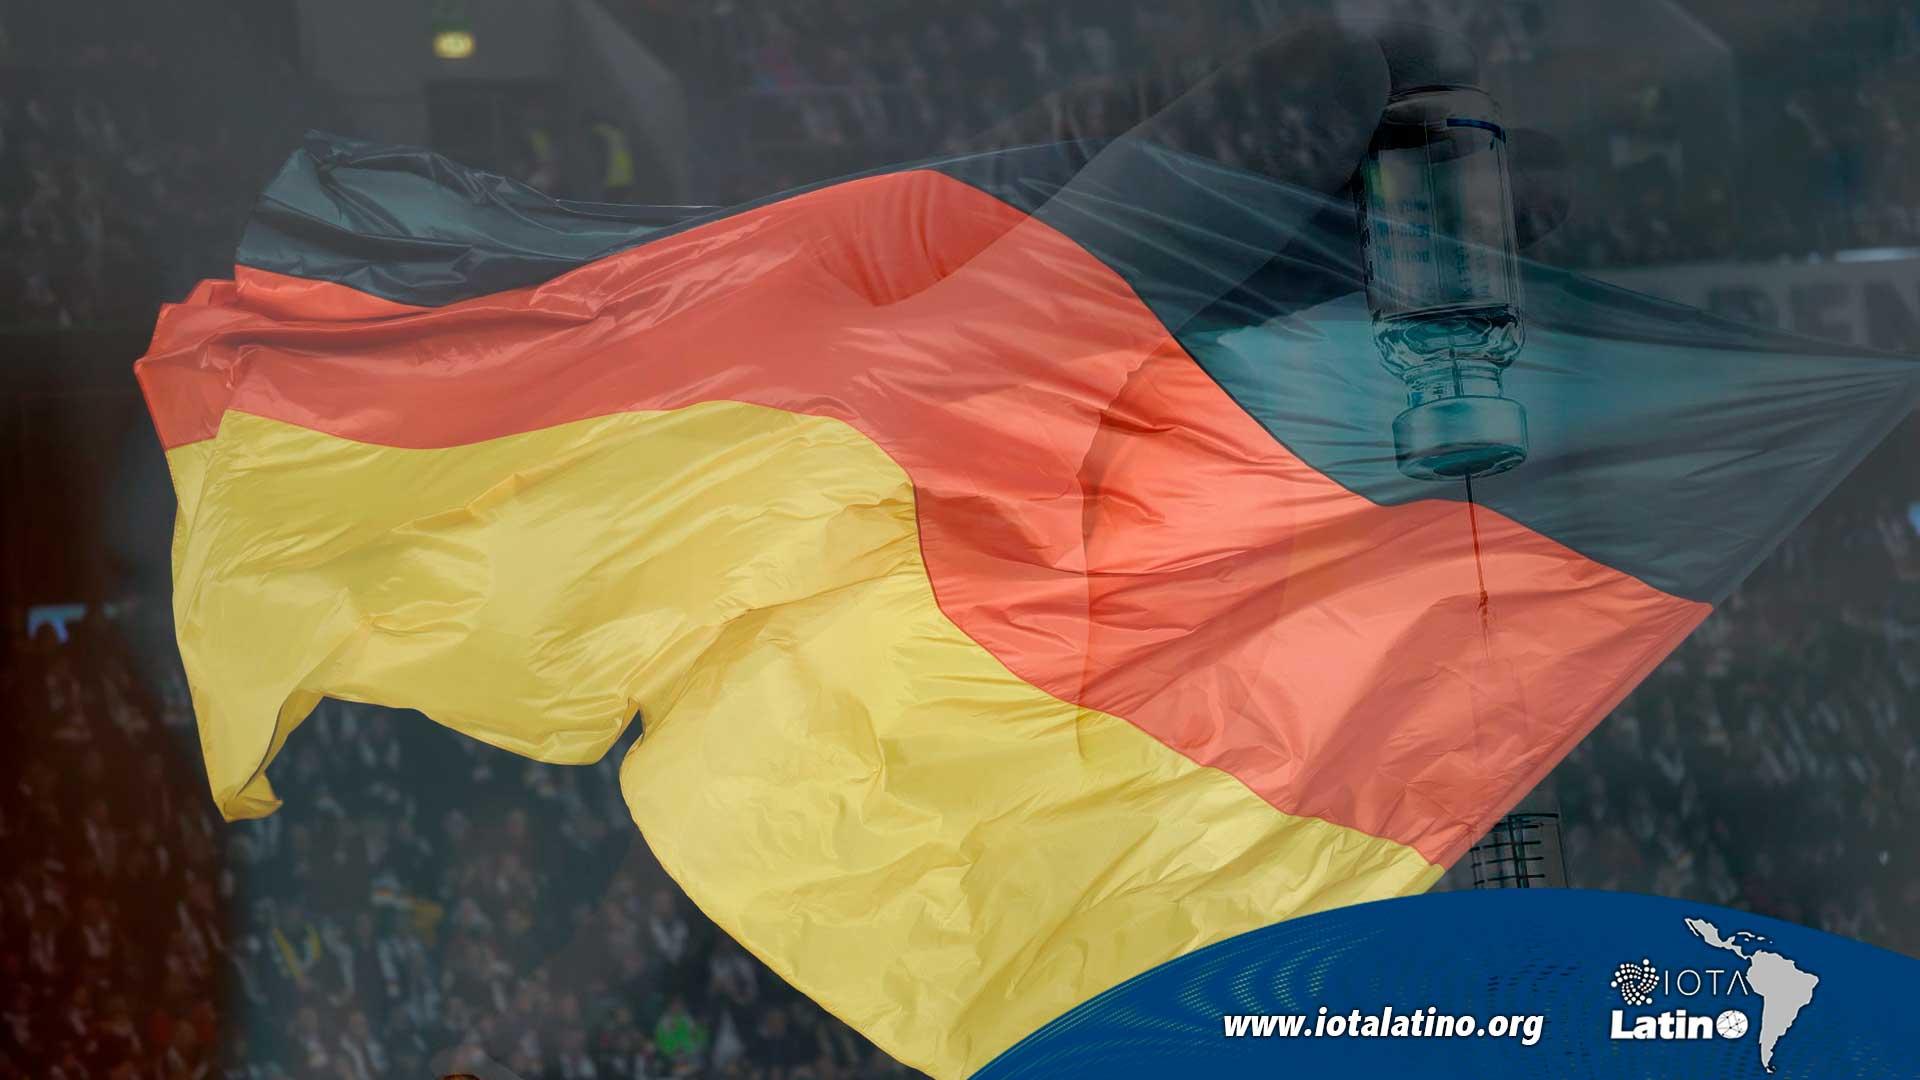 Alemania está en el cuadro de honor - Cantineoqueteveonews